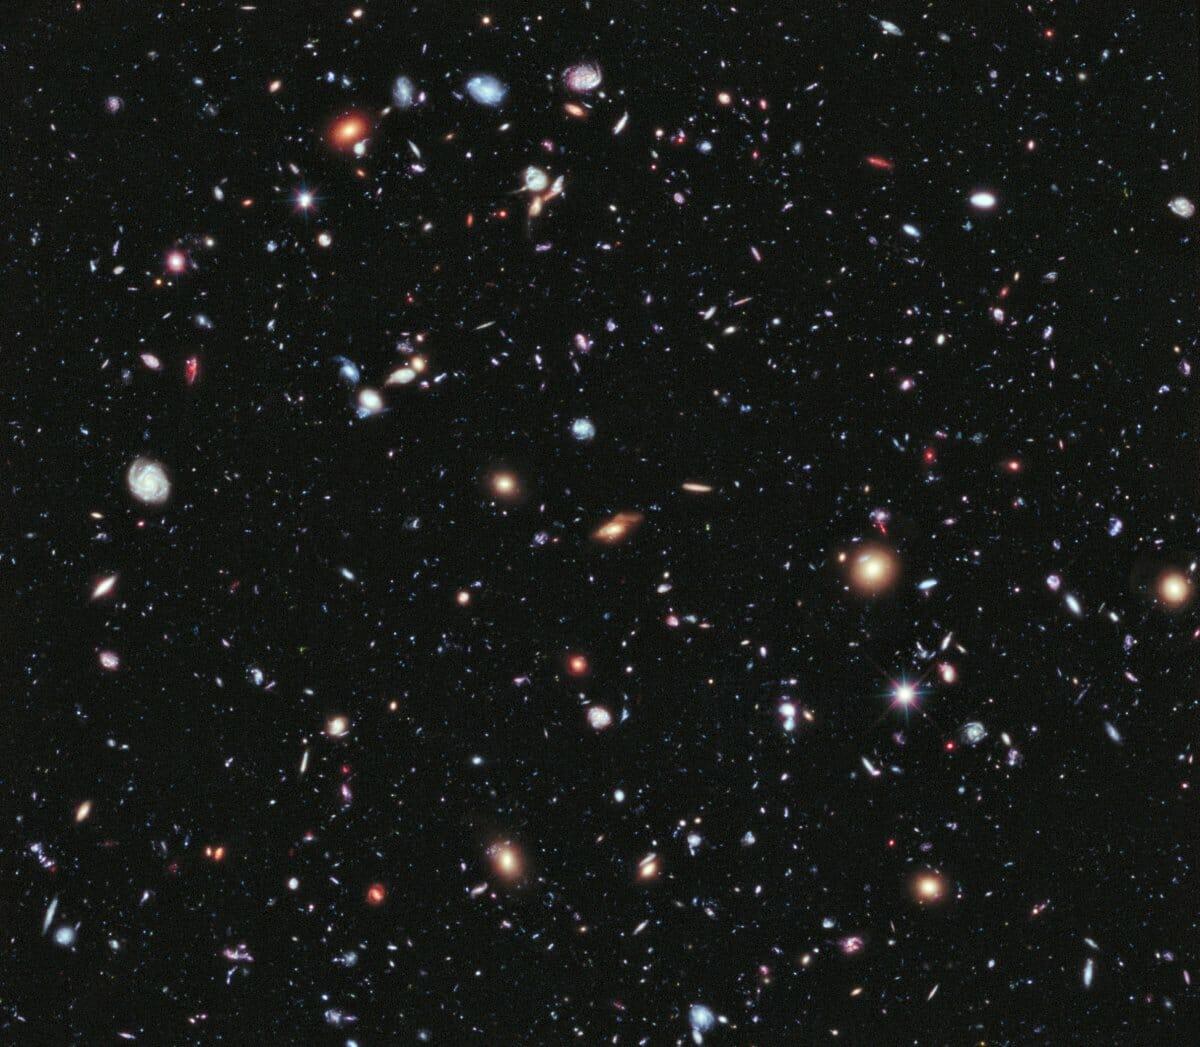 imagens-espetaculares-2014-ciencia_22